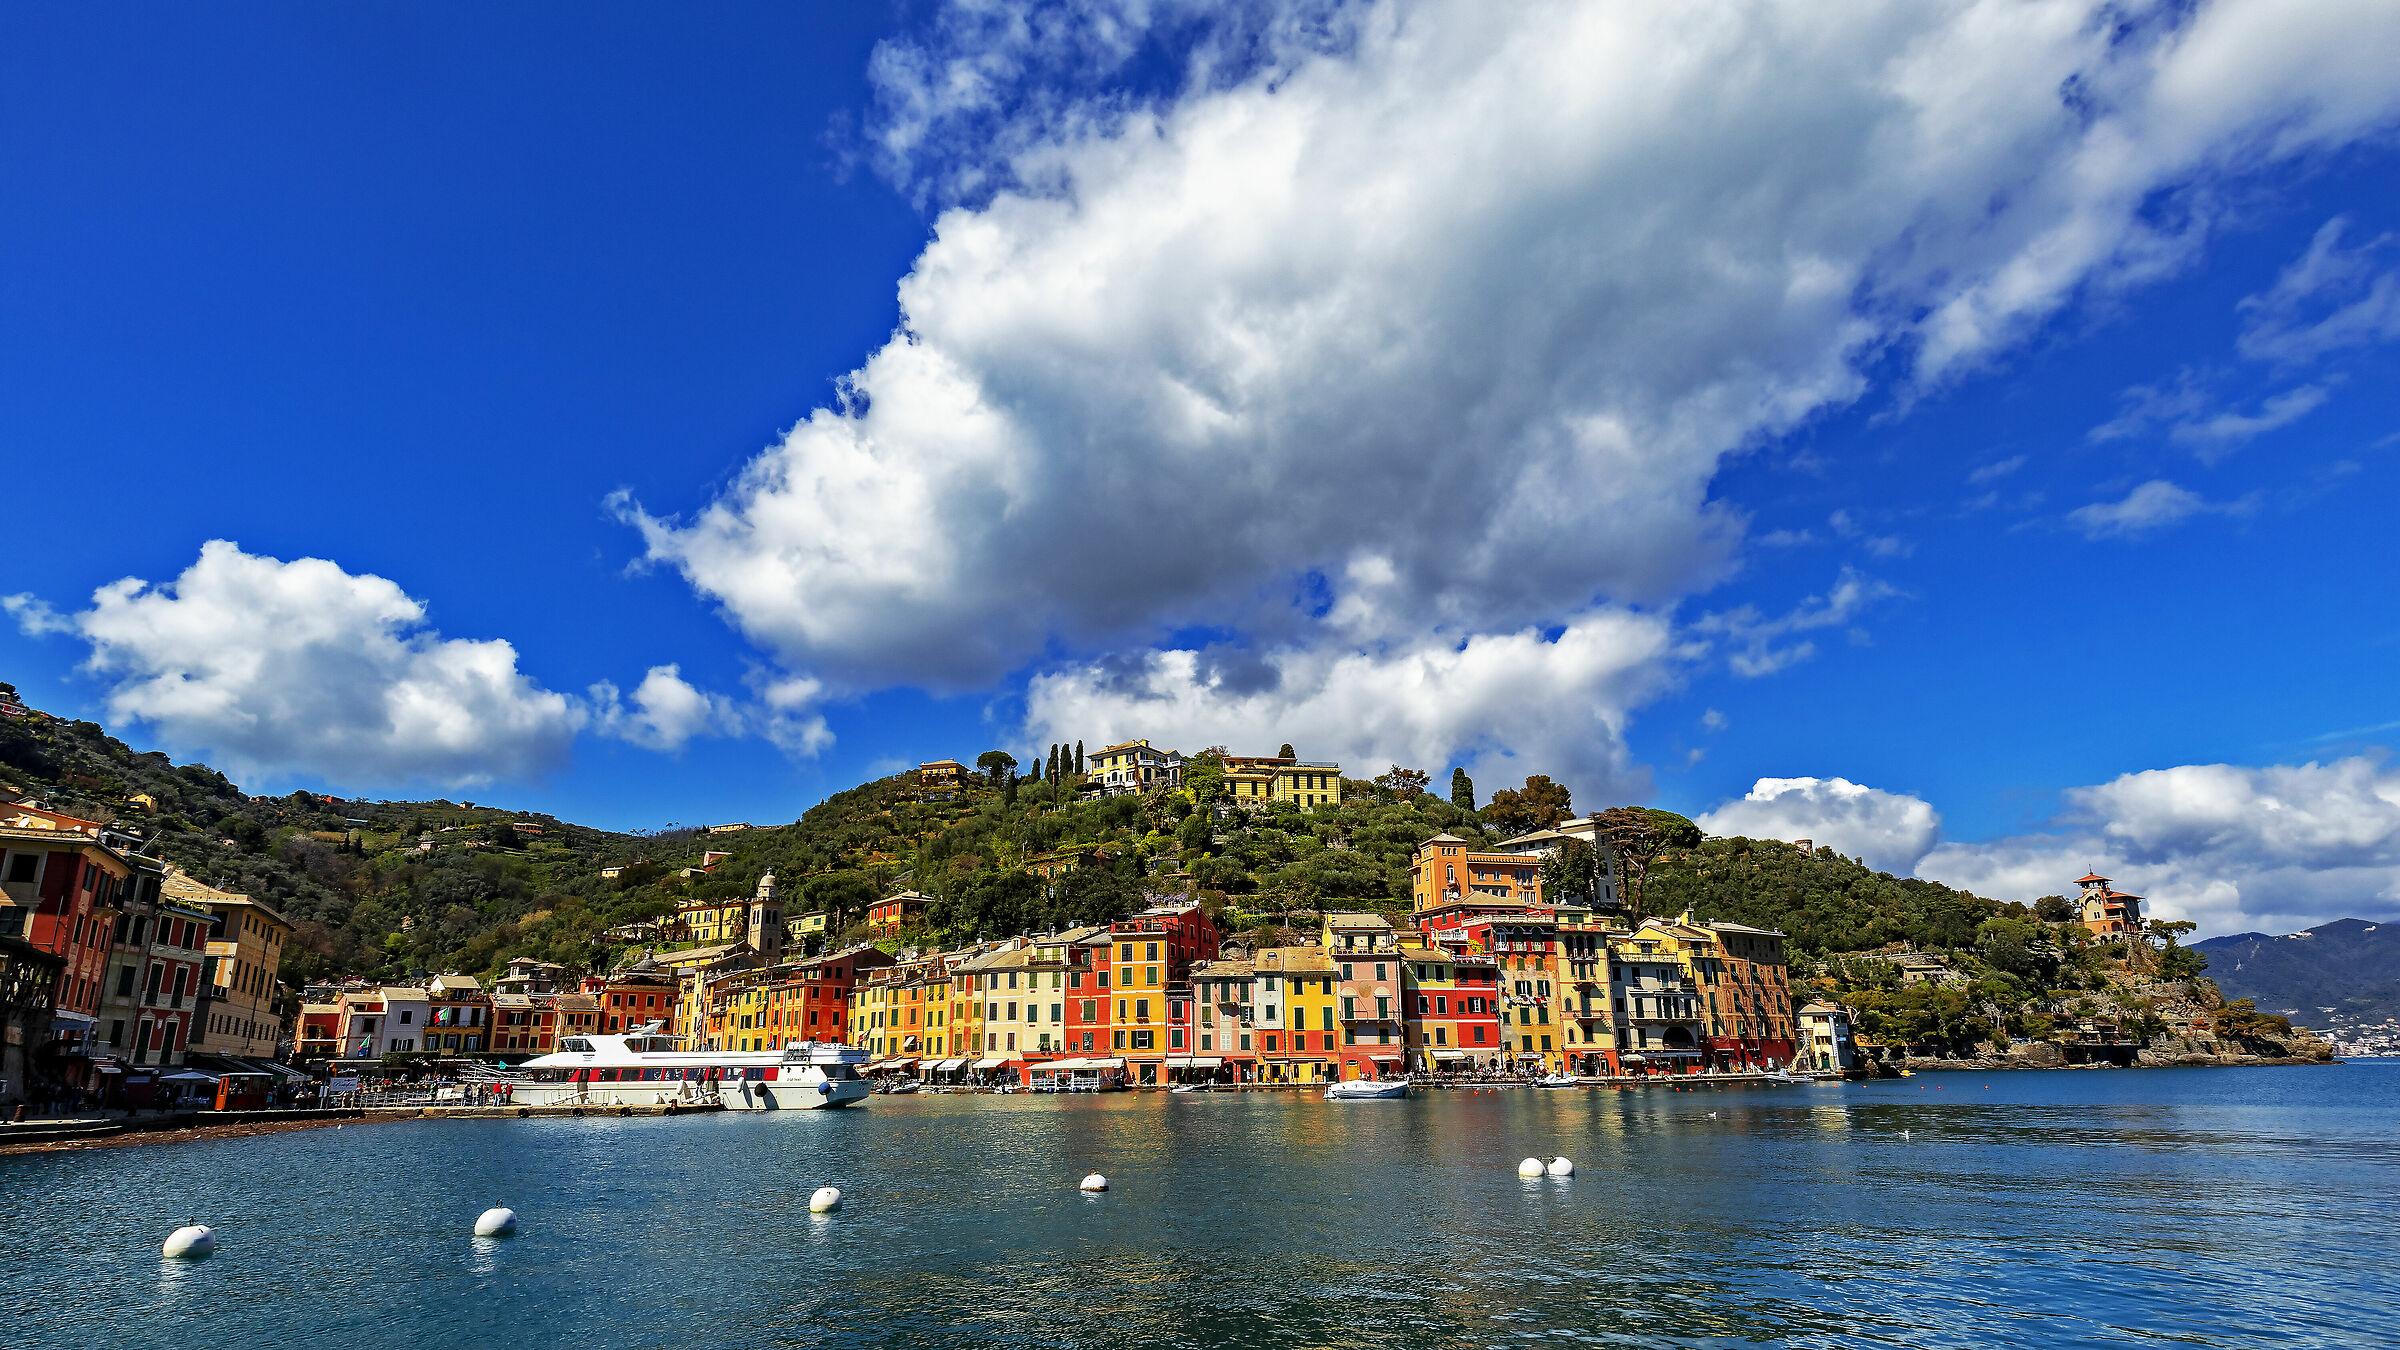 I found my Love in Portofino ...